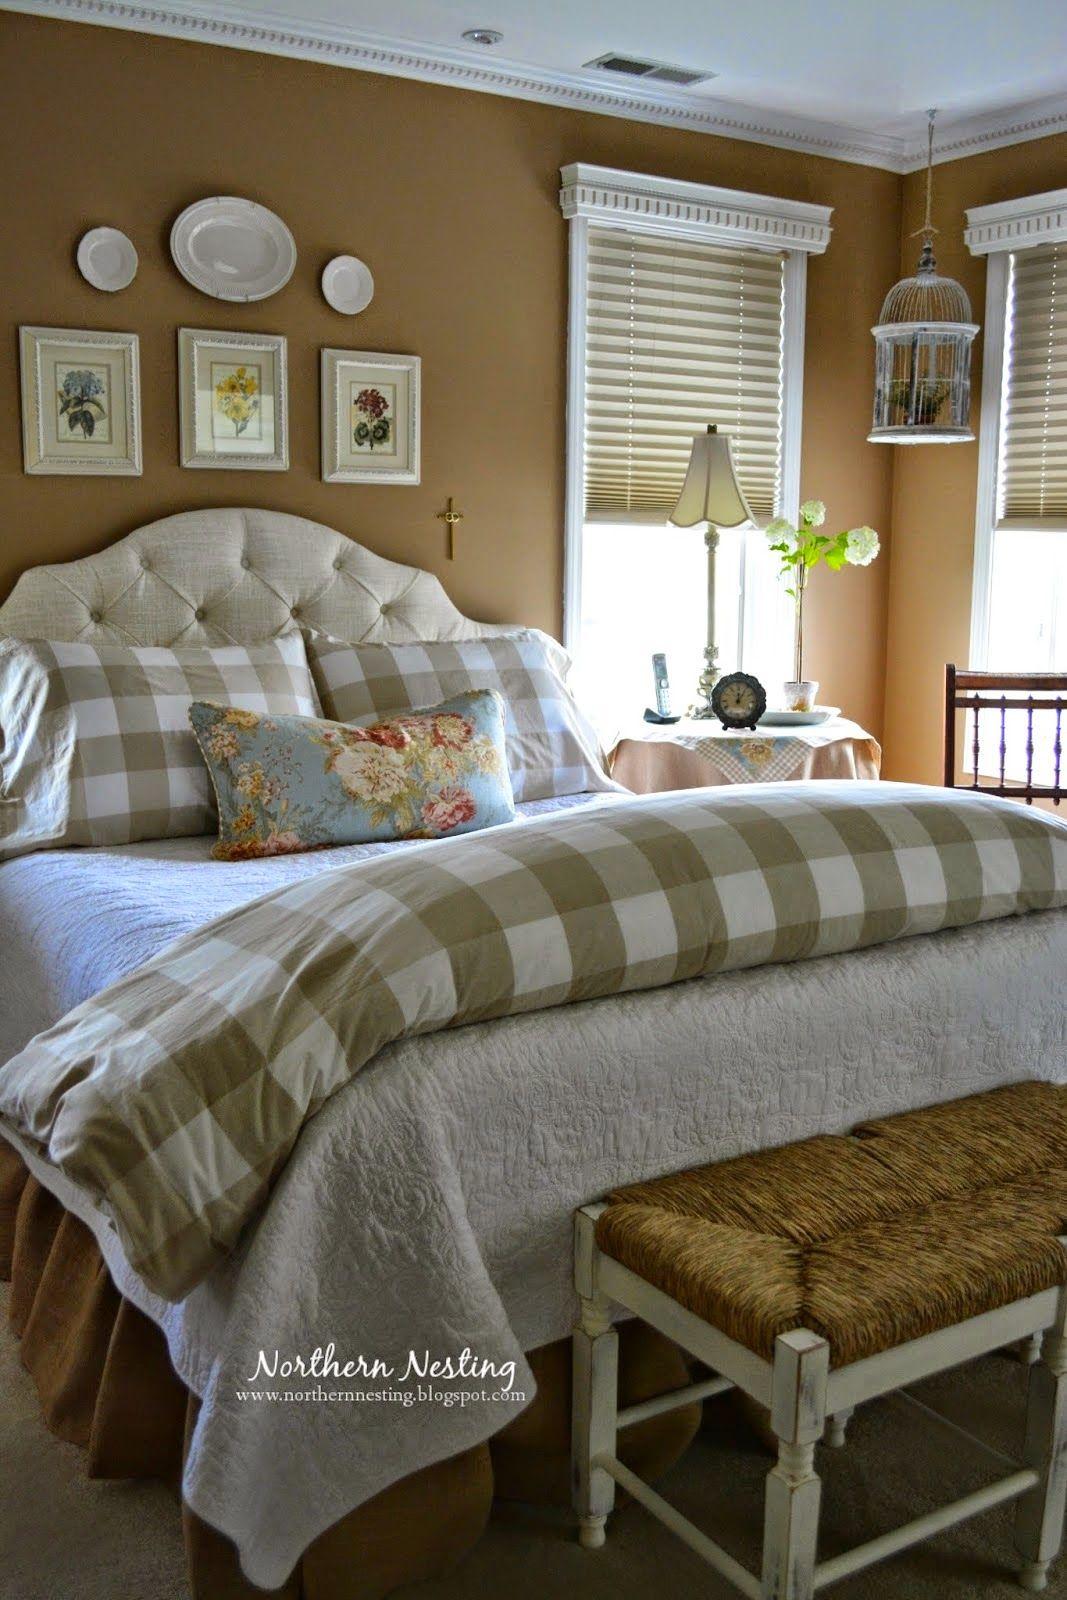 Home Sweet Home #181 | ベッドルーム | ベッドルーム、寝室、ベッド